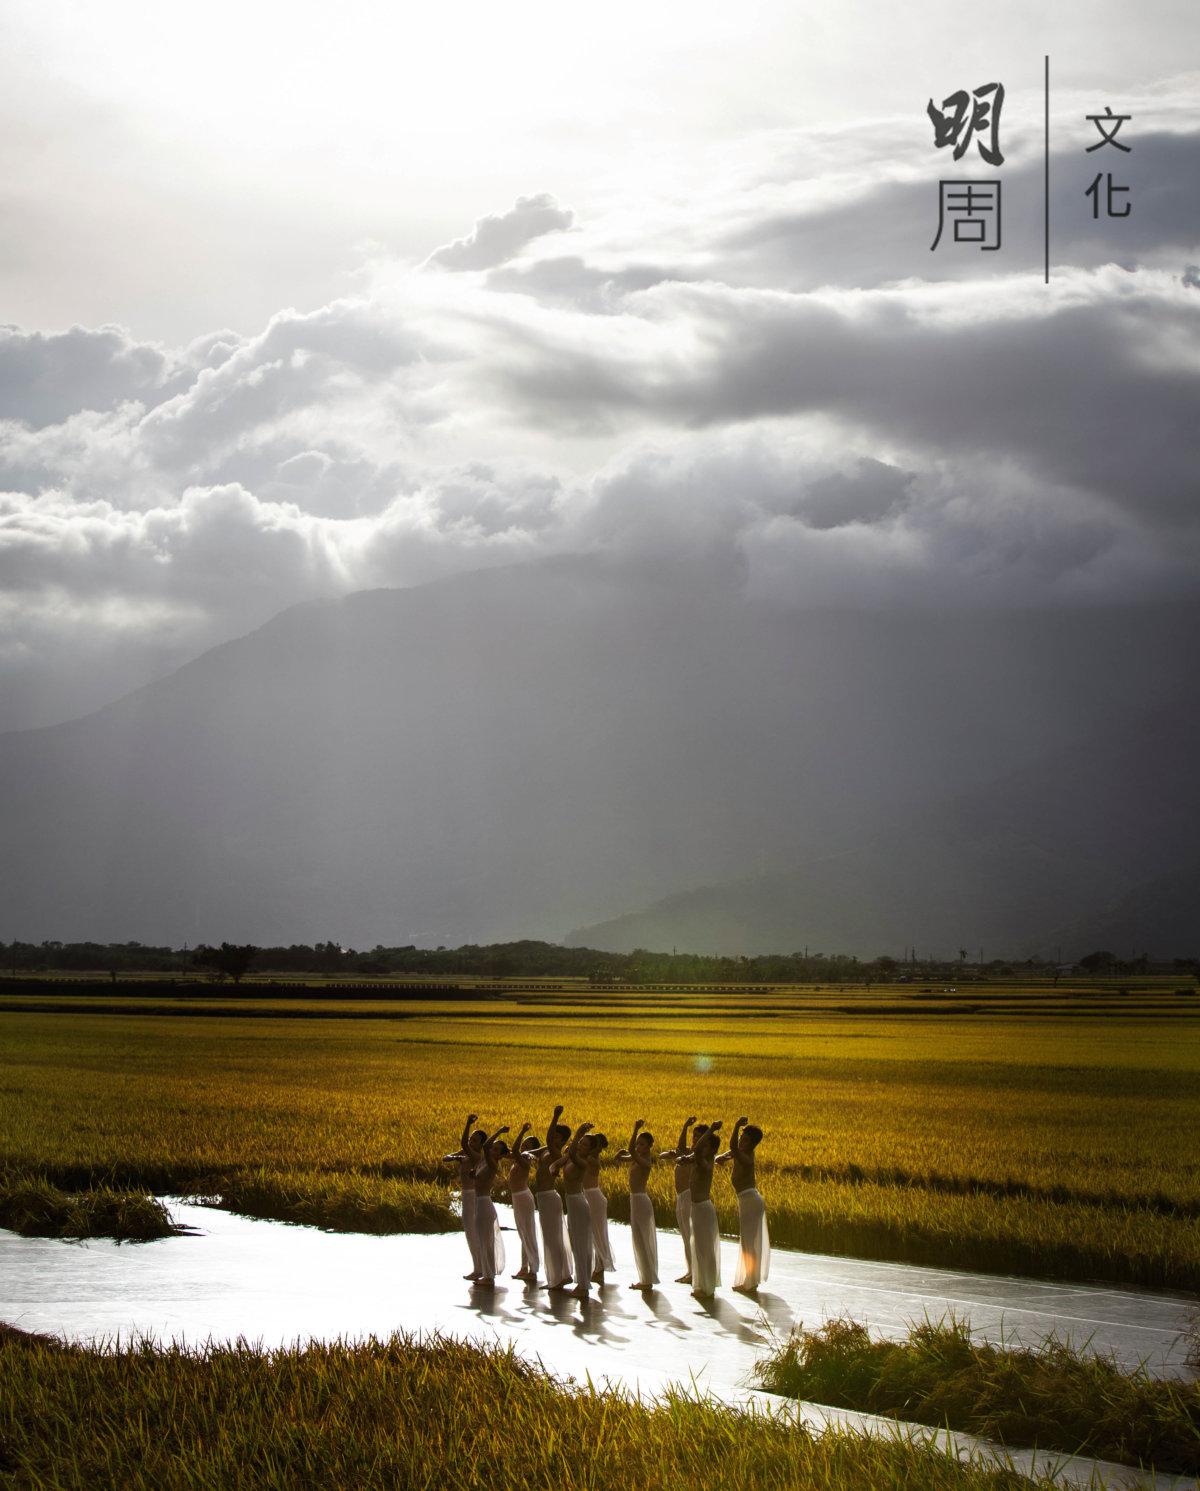 背景是中央山脈,燈光是自然陽光,秋收季節,雲門舞集以稻田為舞台,在「稻米之鄉」池上鄉演出,引起轟動。